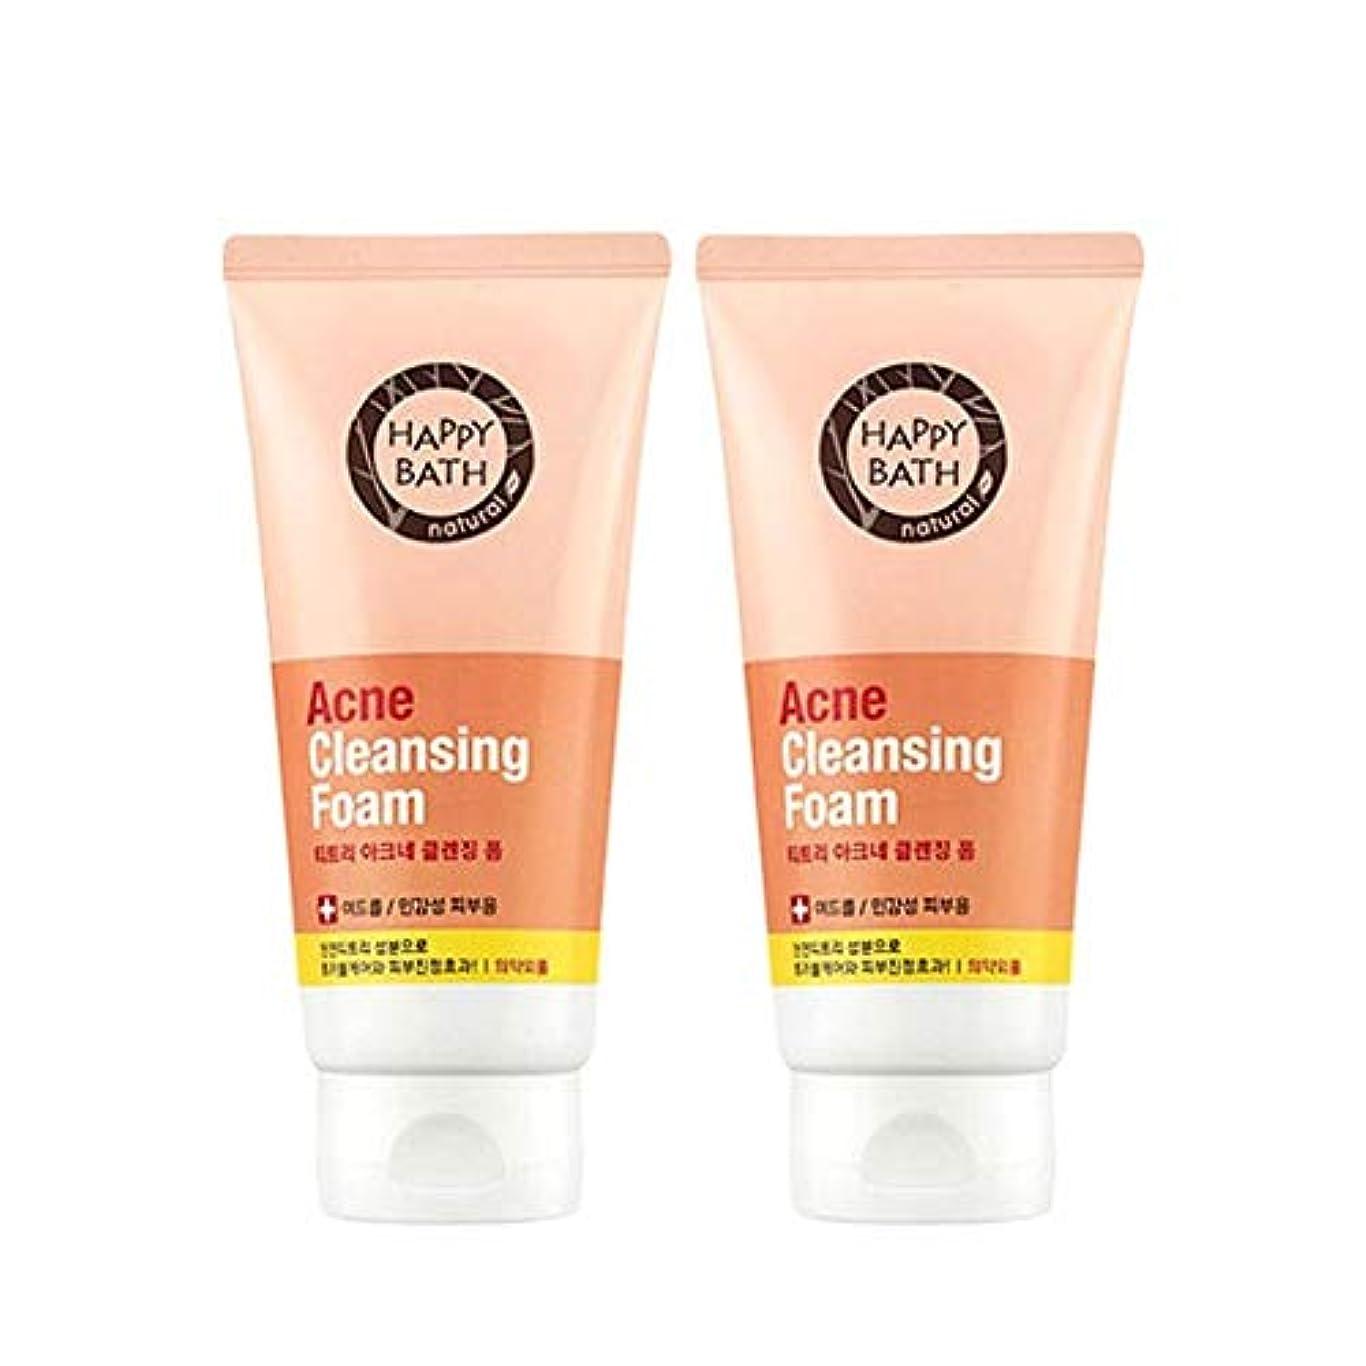 強化契約した逸脱ハッピーバスティーツリーアクネクレンジングフォーム175gx2本セット韓国コスメ、Happy Bath Acne Cleansing Foam 175g x 2ea Set Korean Cosmetics [並行輸入品]